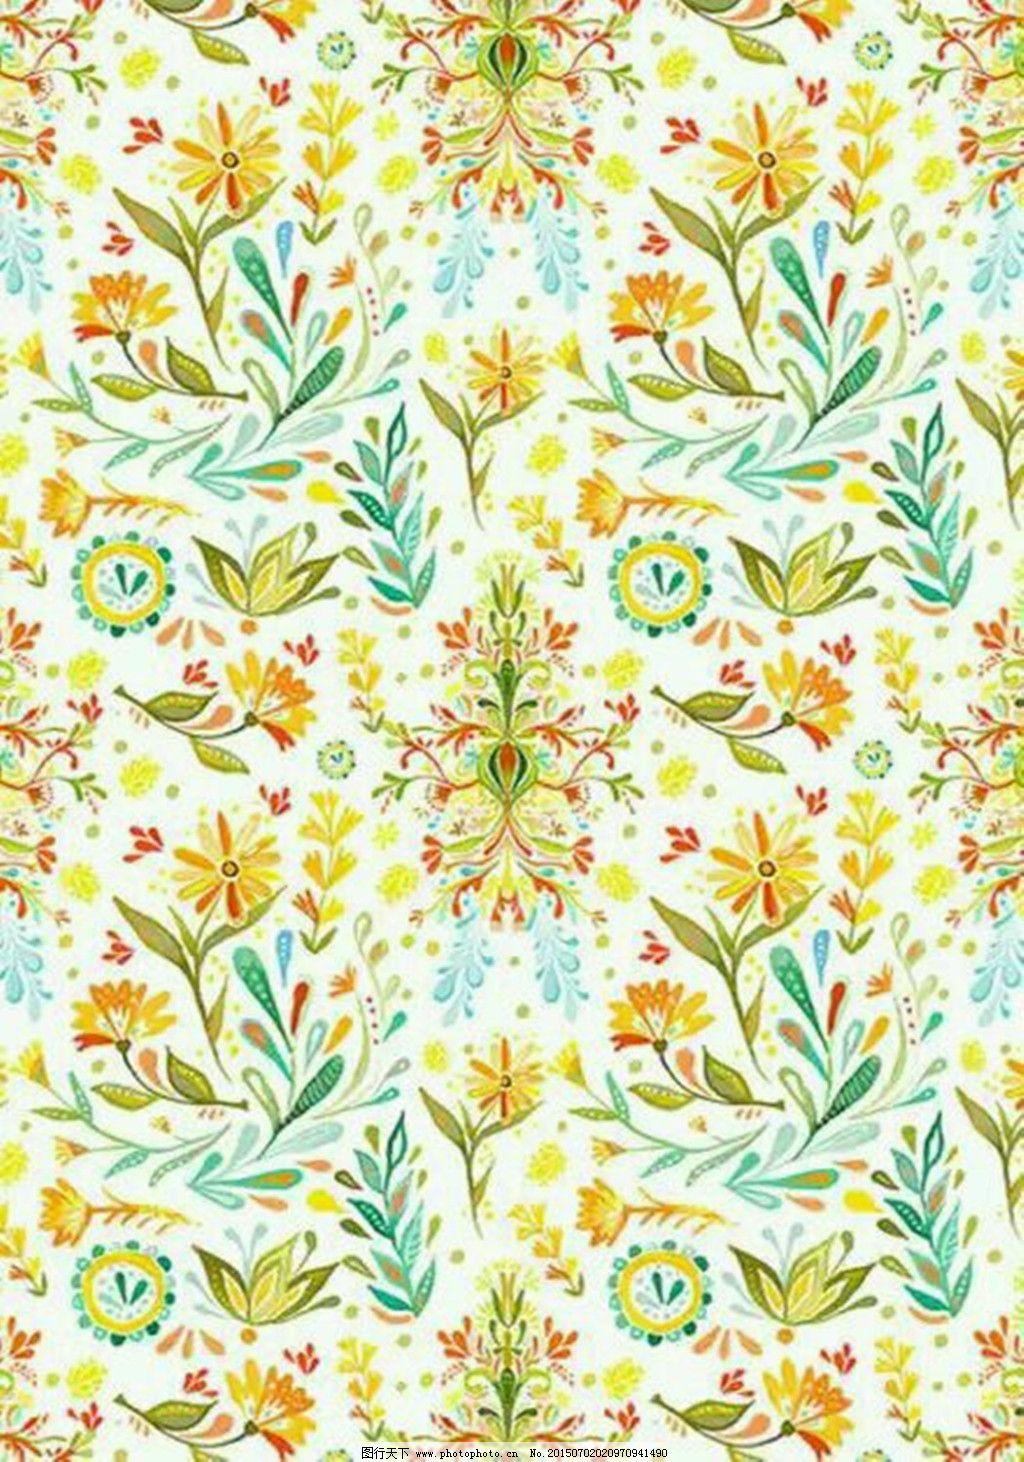 名族感花朵背景图免费下载 彩色 可爱 轻松 输液 碎花 小清新 小清新